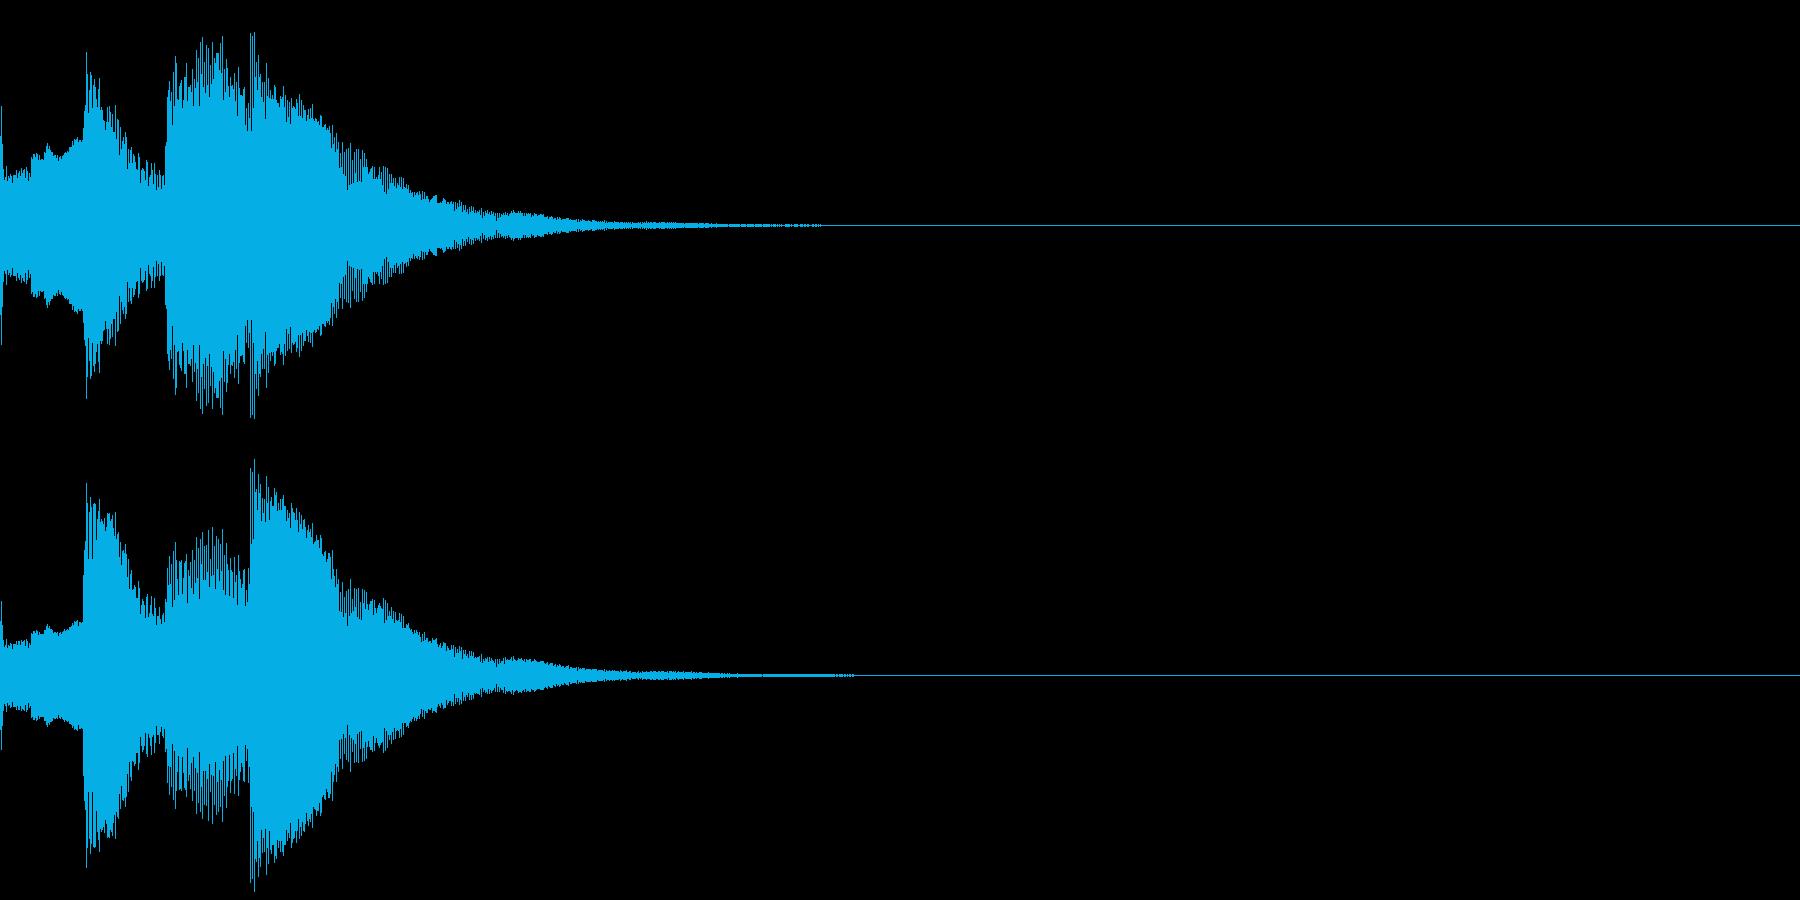 ニュース/テロップ/お知らせ通知音A2の再生済みの波形